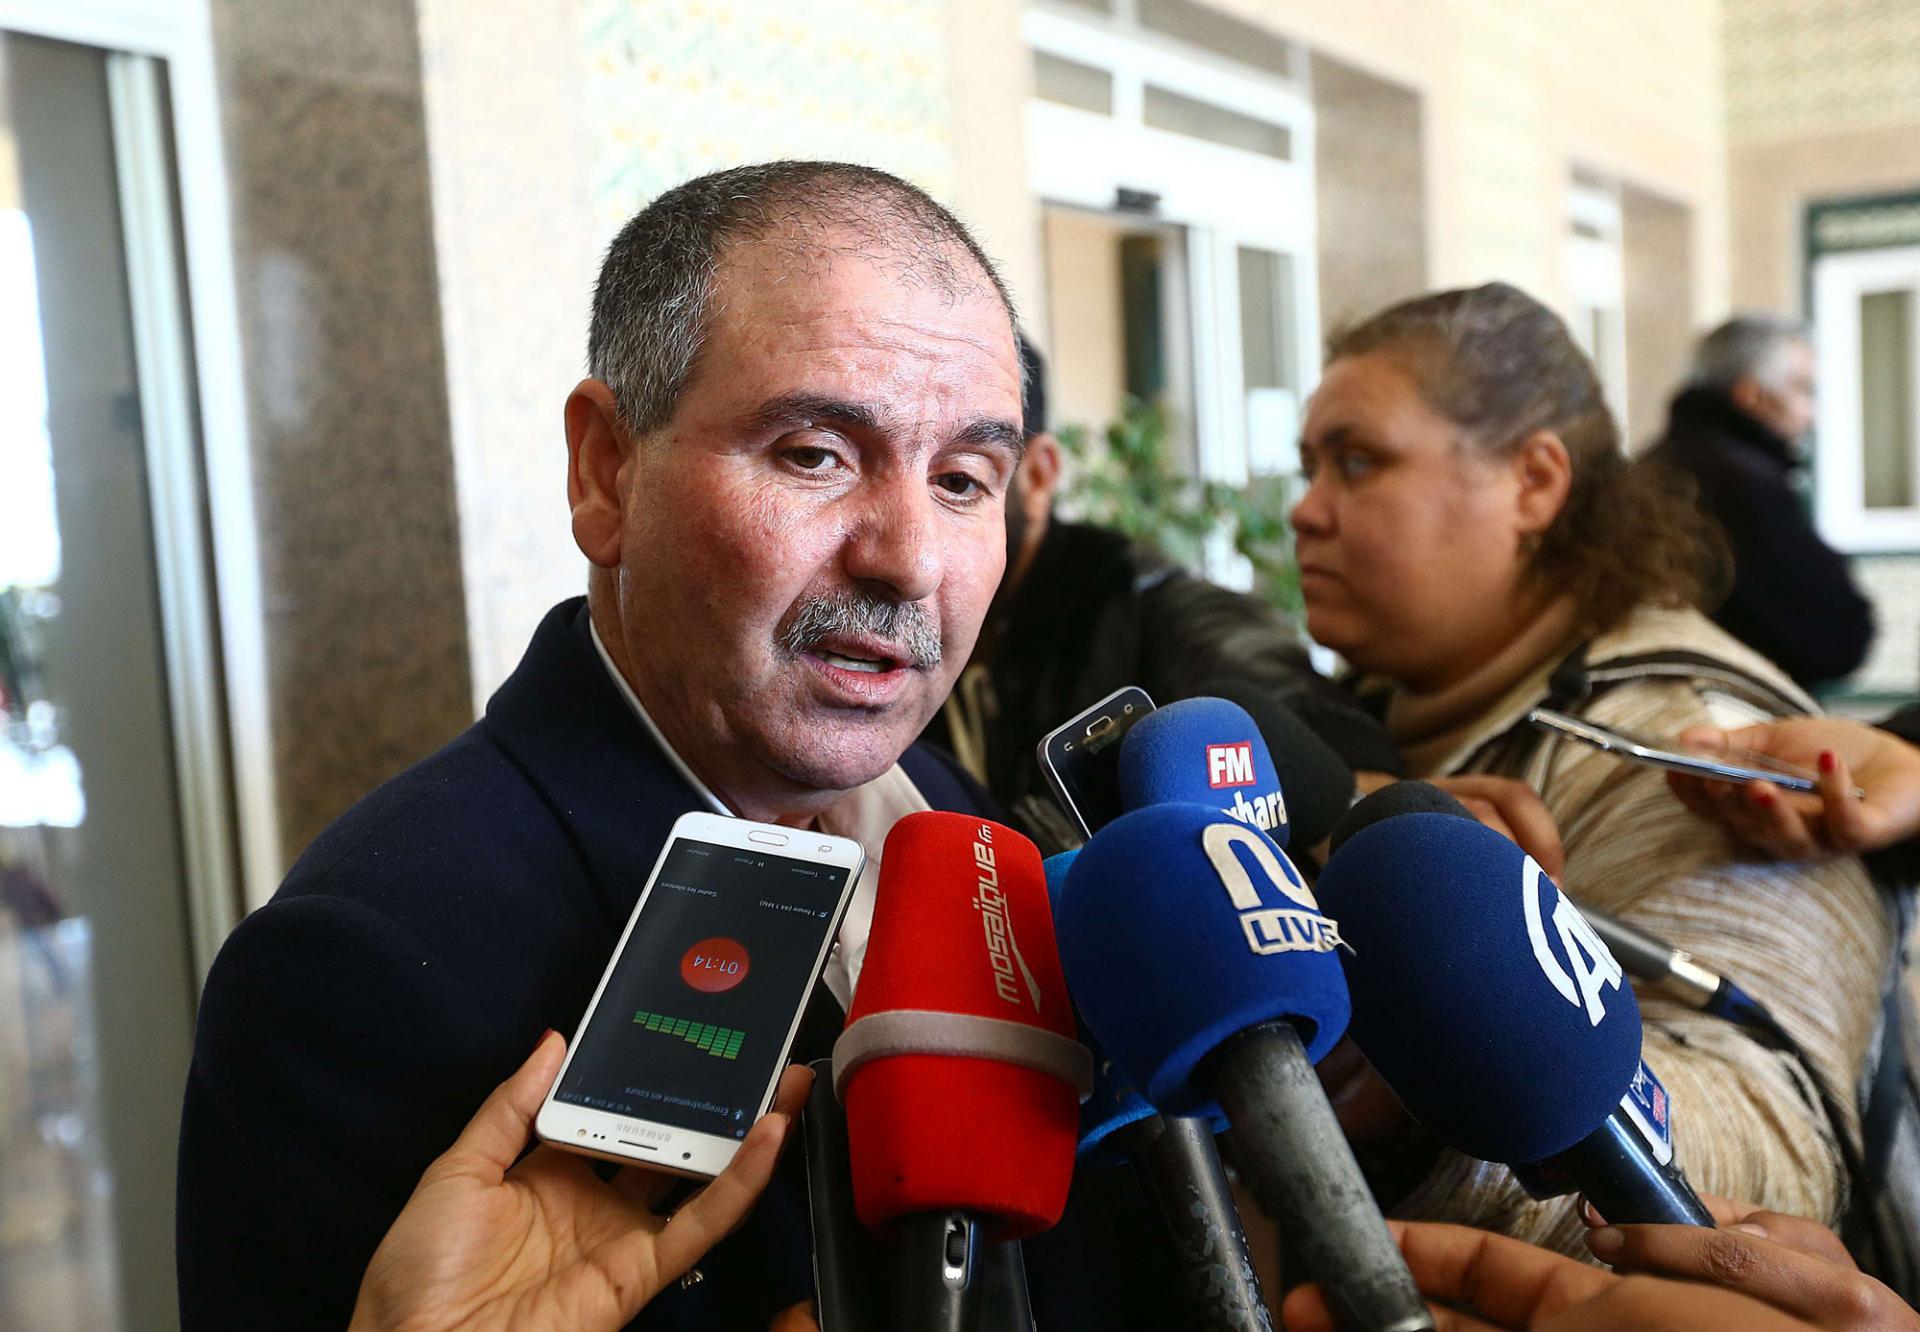 Tunisie: Noureddine Taboubi promet de traiter avec le futur gouvernement en fonction de sa capacité à résoudre les problèmes